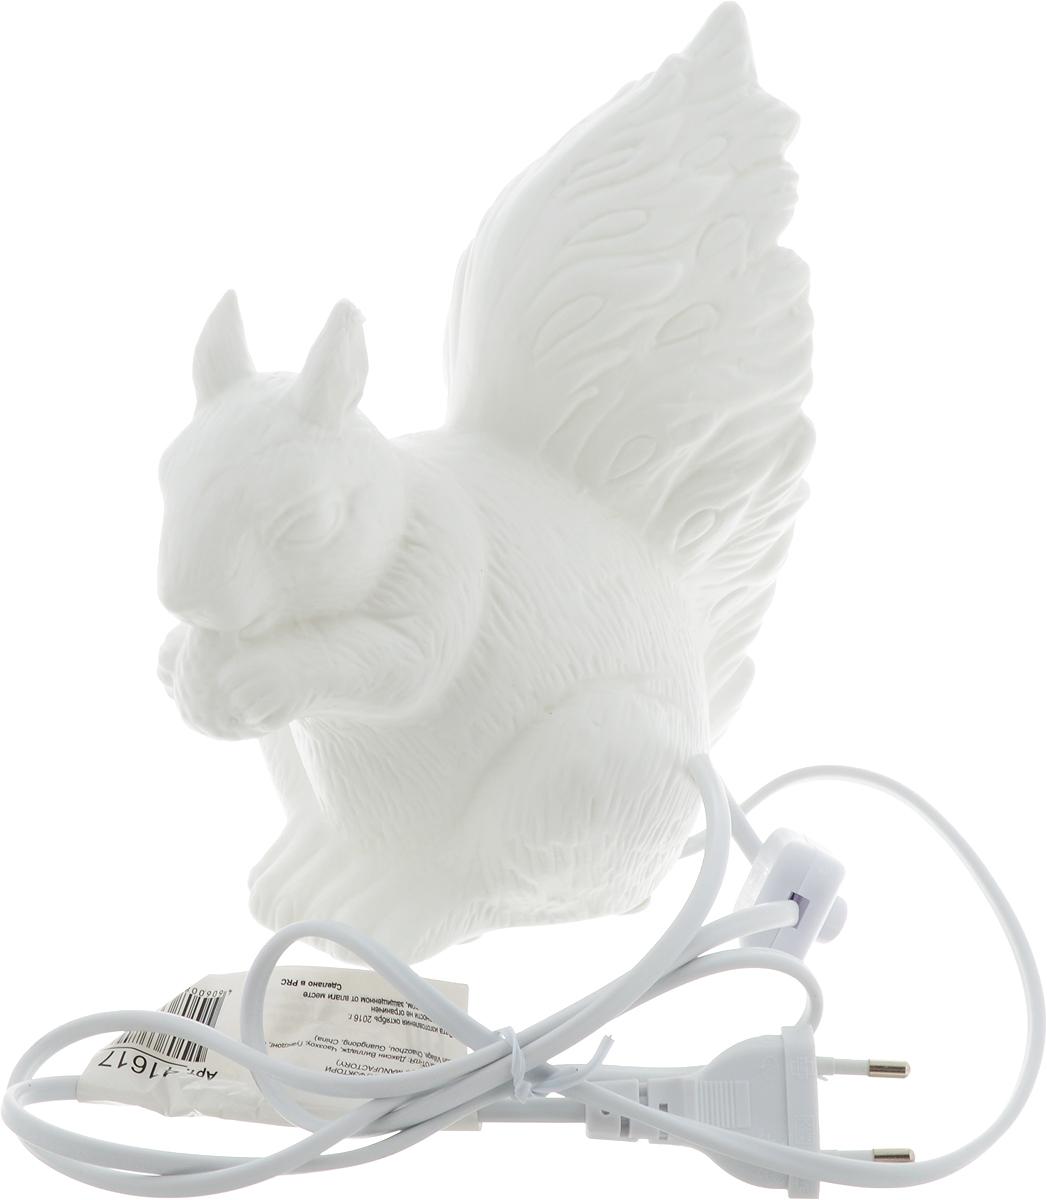 Лампа настольная Феникс-Презент Белка, цвет: белый, 17 х 12 х 19 см лампа настольная феникс презент белка цвет белый 17 х 12 х 19 см